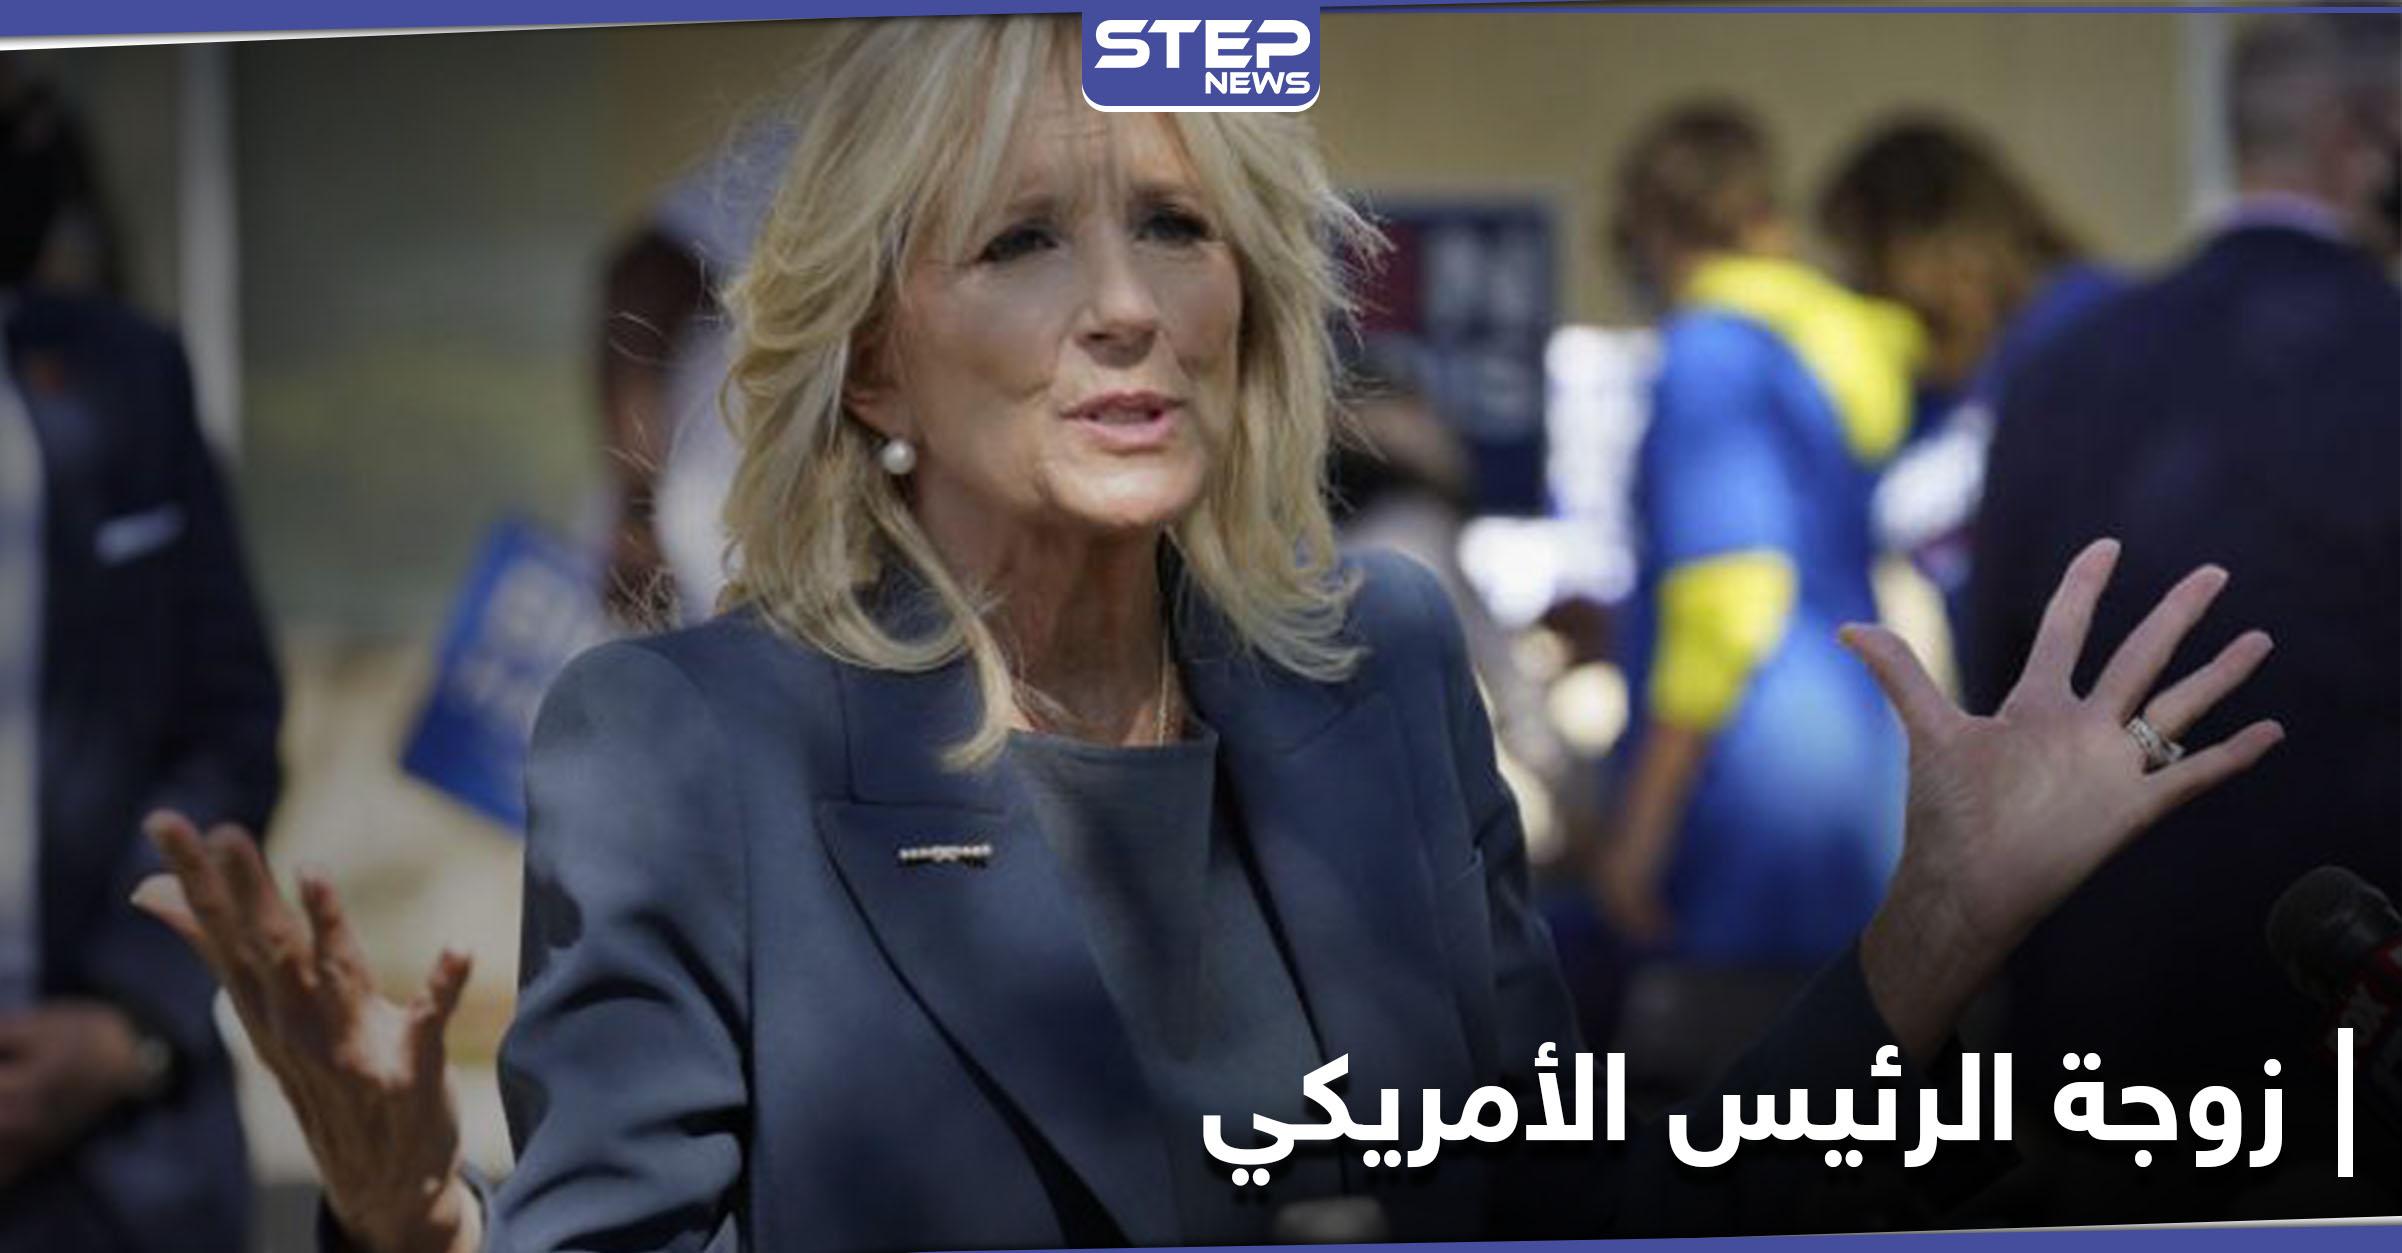 من هي سيدة البيت الأبيض الجديدة